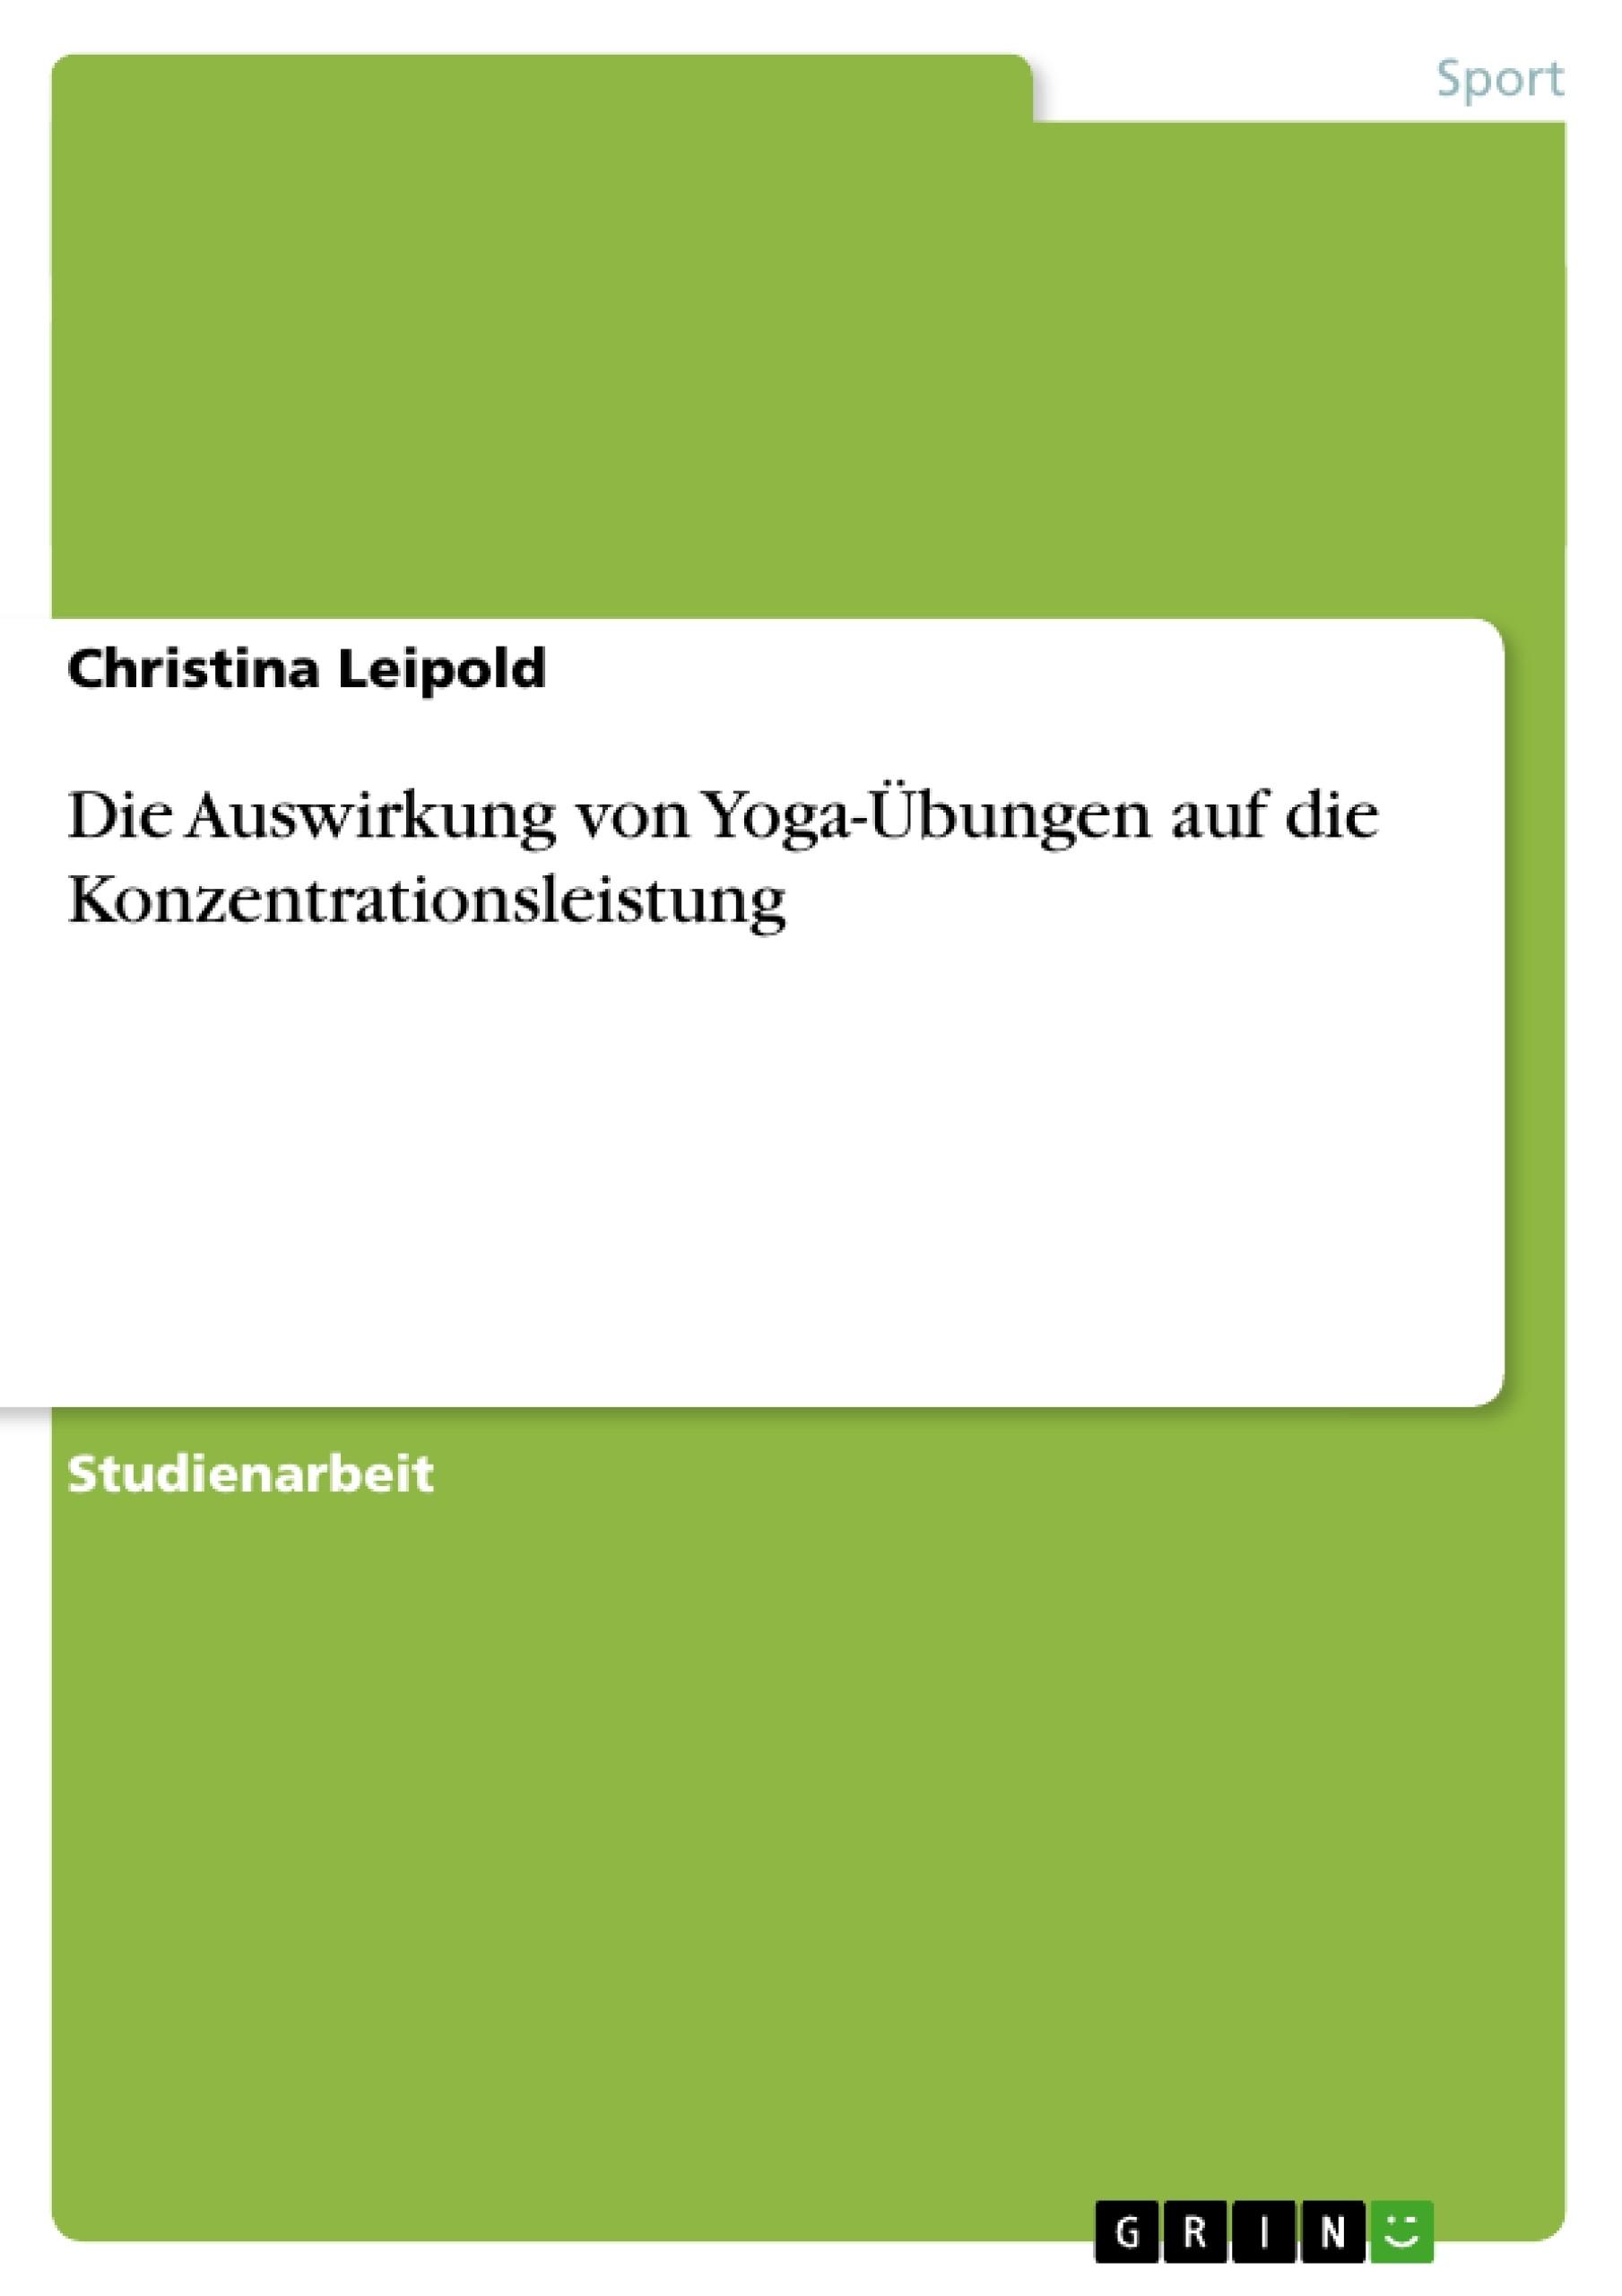 Titel: Die Auswirkung von Yoga-Übungen auf die Konzentrationsleistung